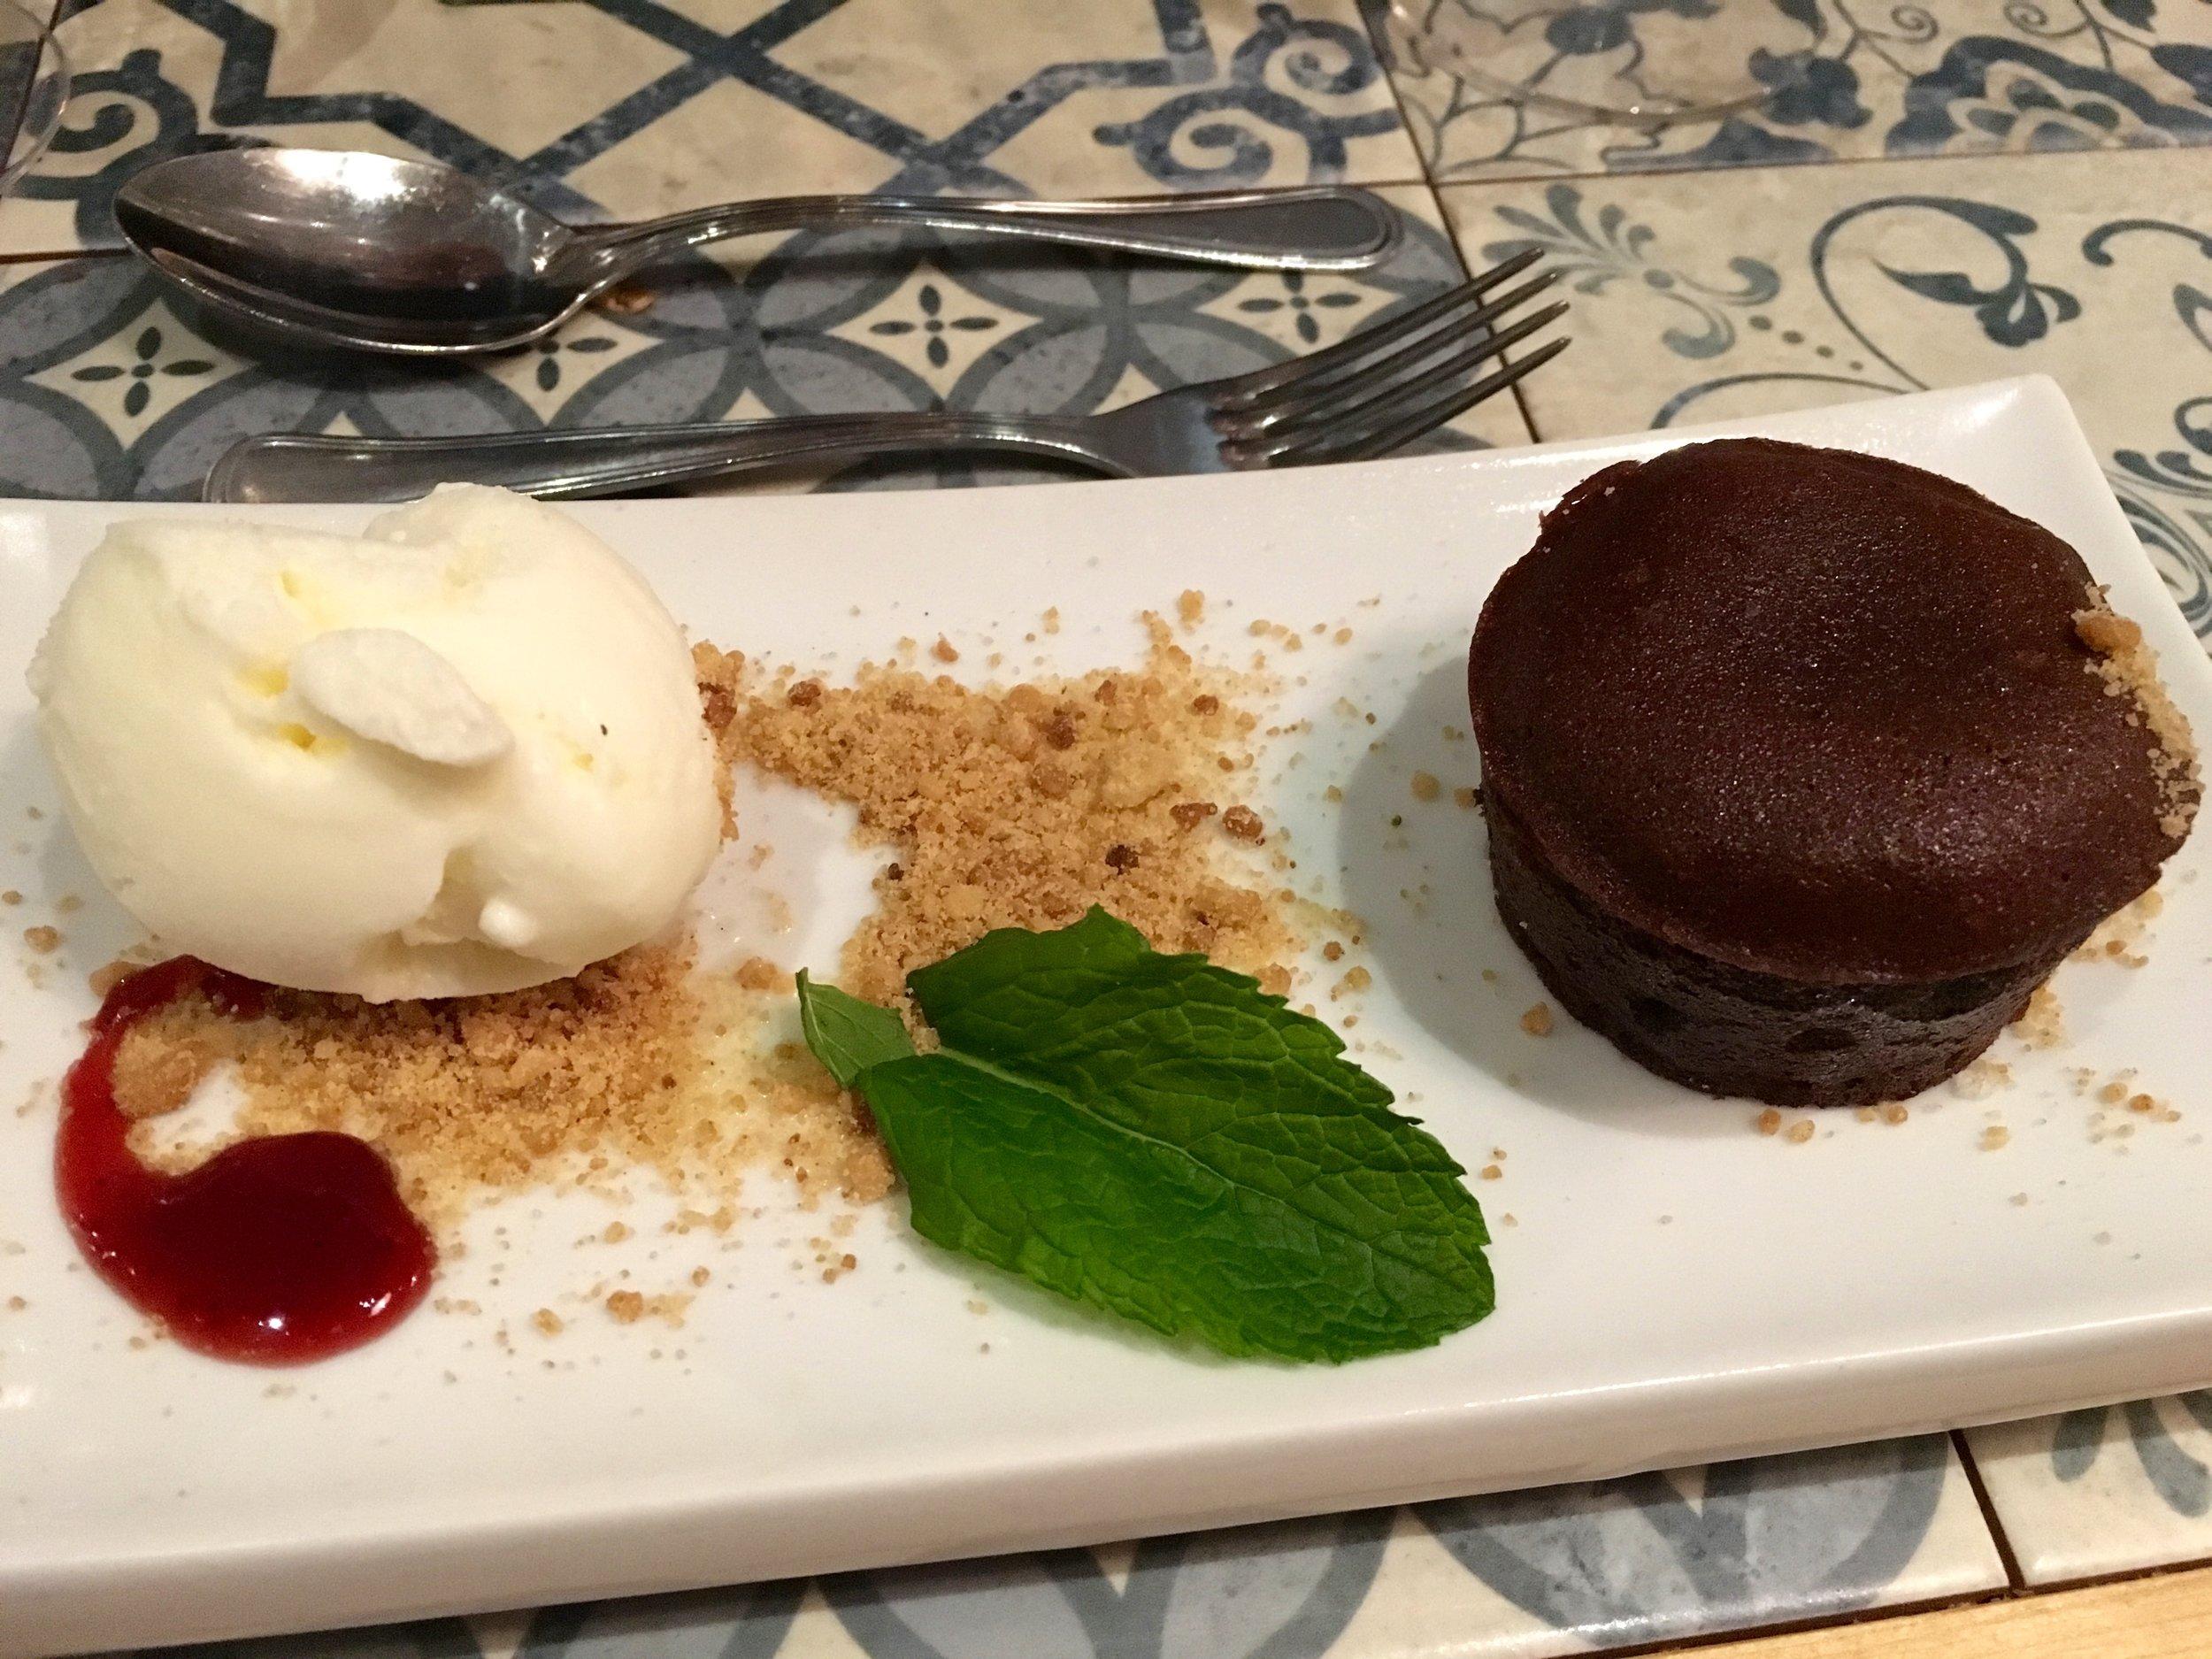 PB&J dessert